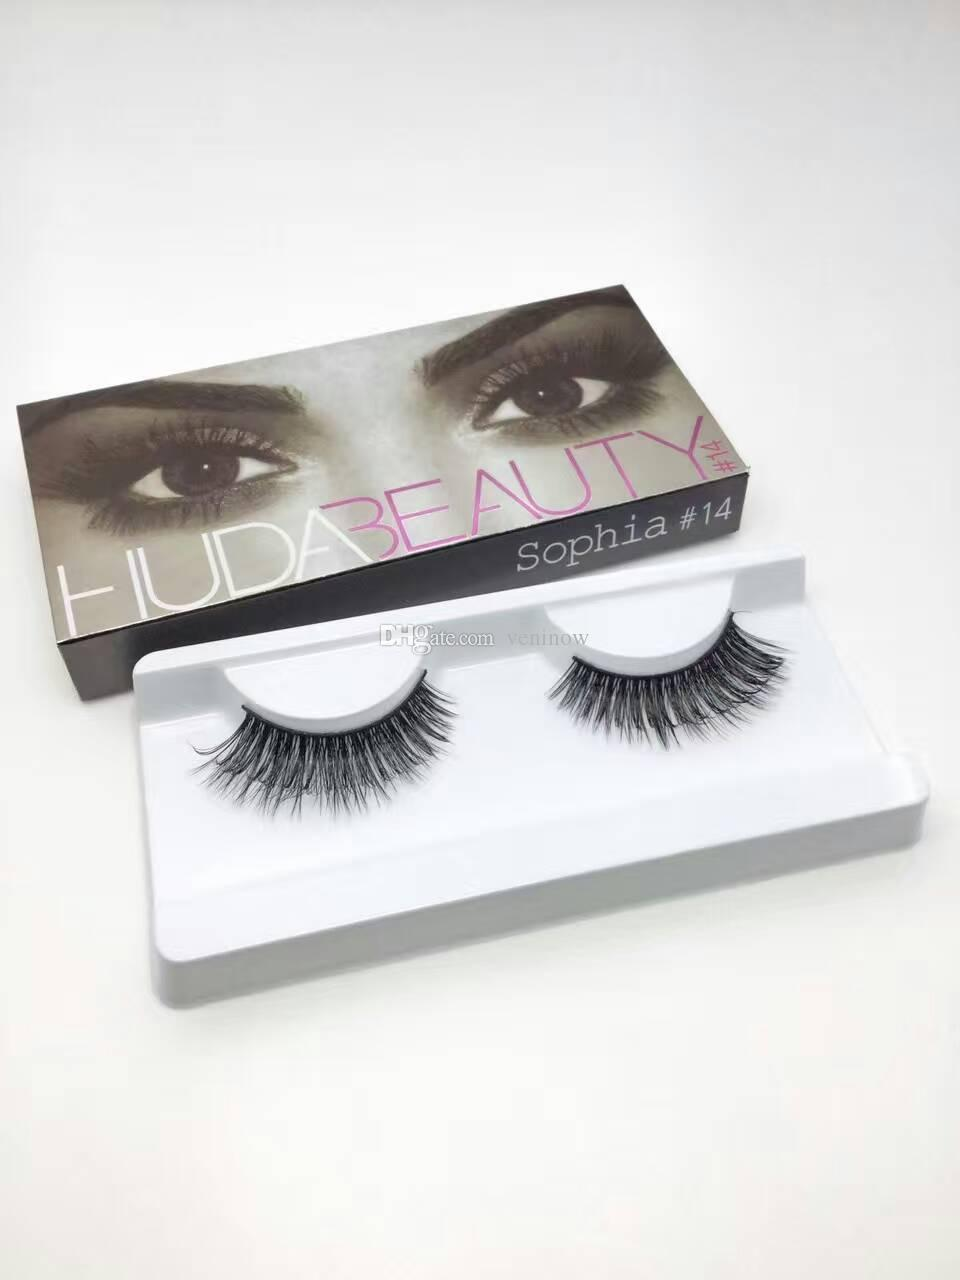 f87bdb69983 ... Huda Beauty False Eyelashes Messy Cross Thick Natural Fake Eye Lashes  Professional Makeup Tip Bigeye Long ...